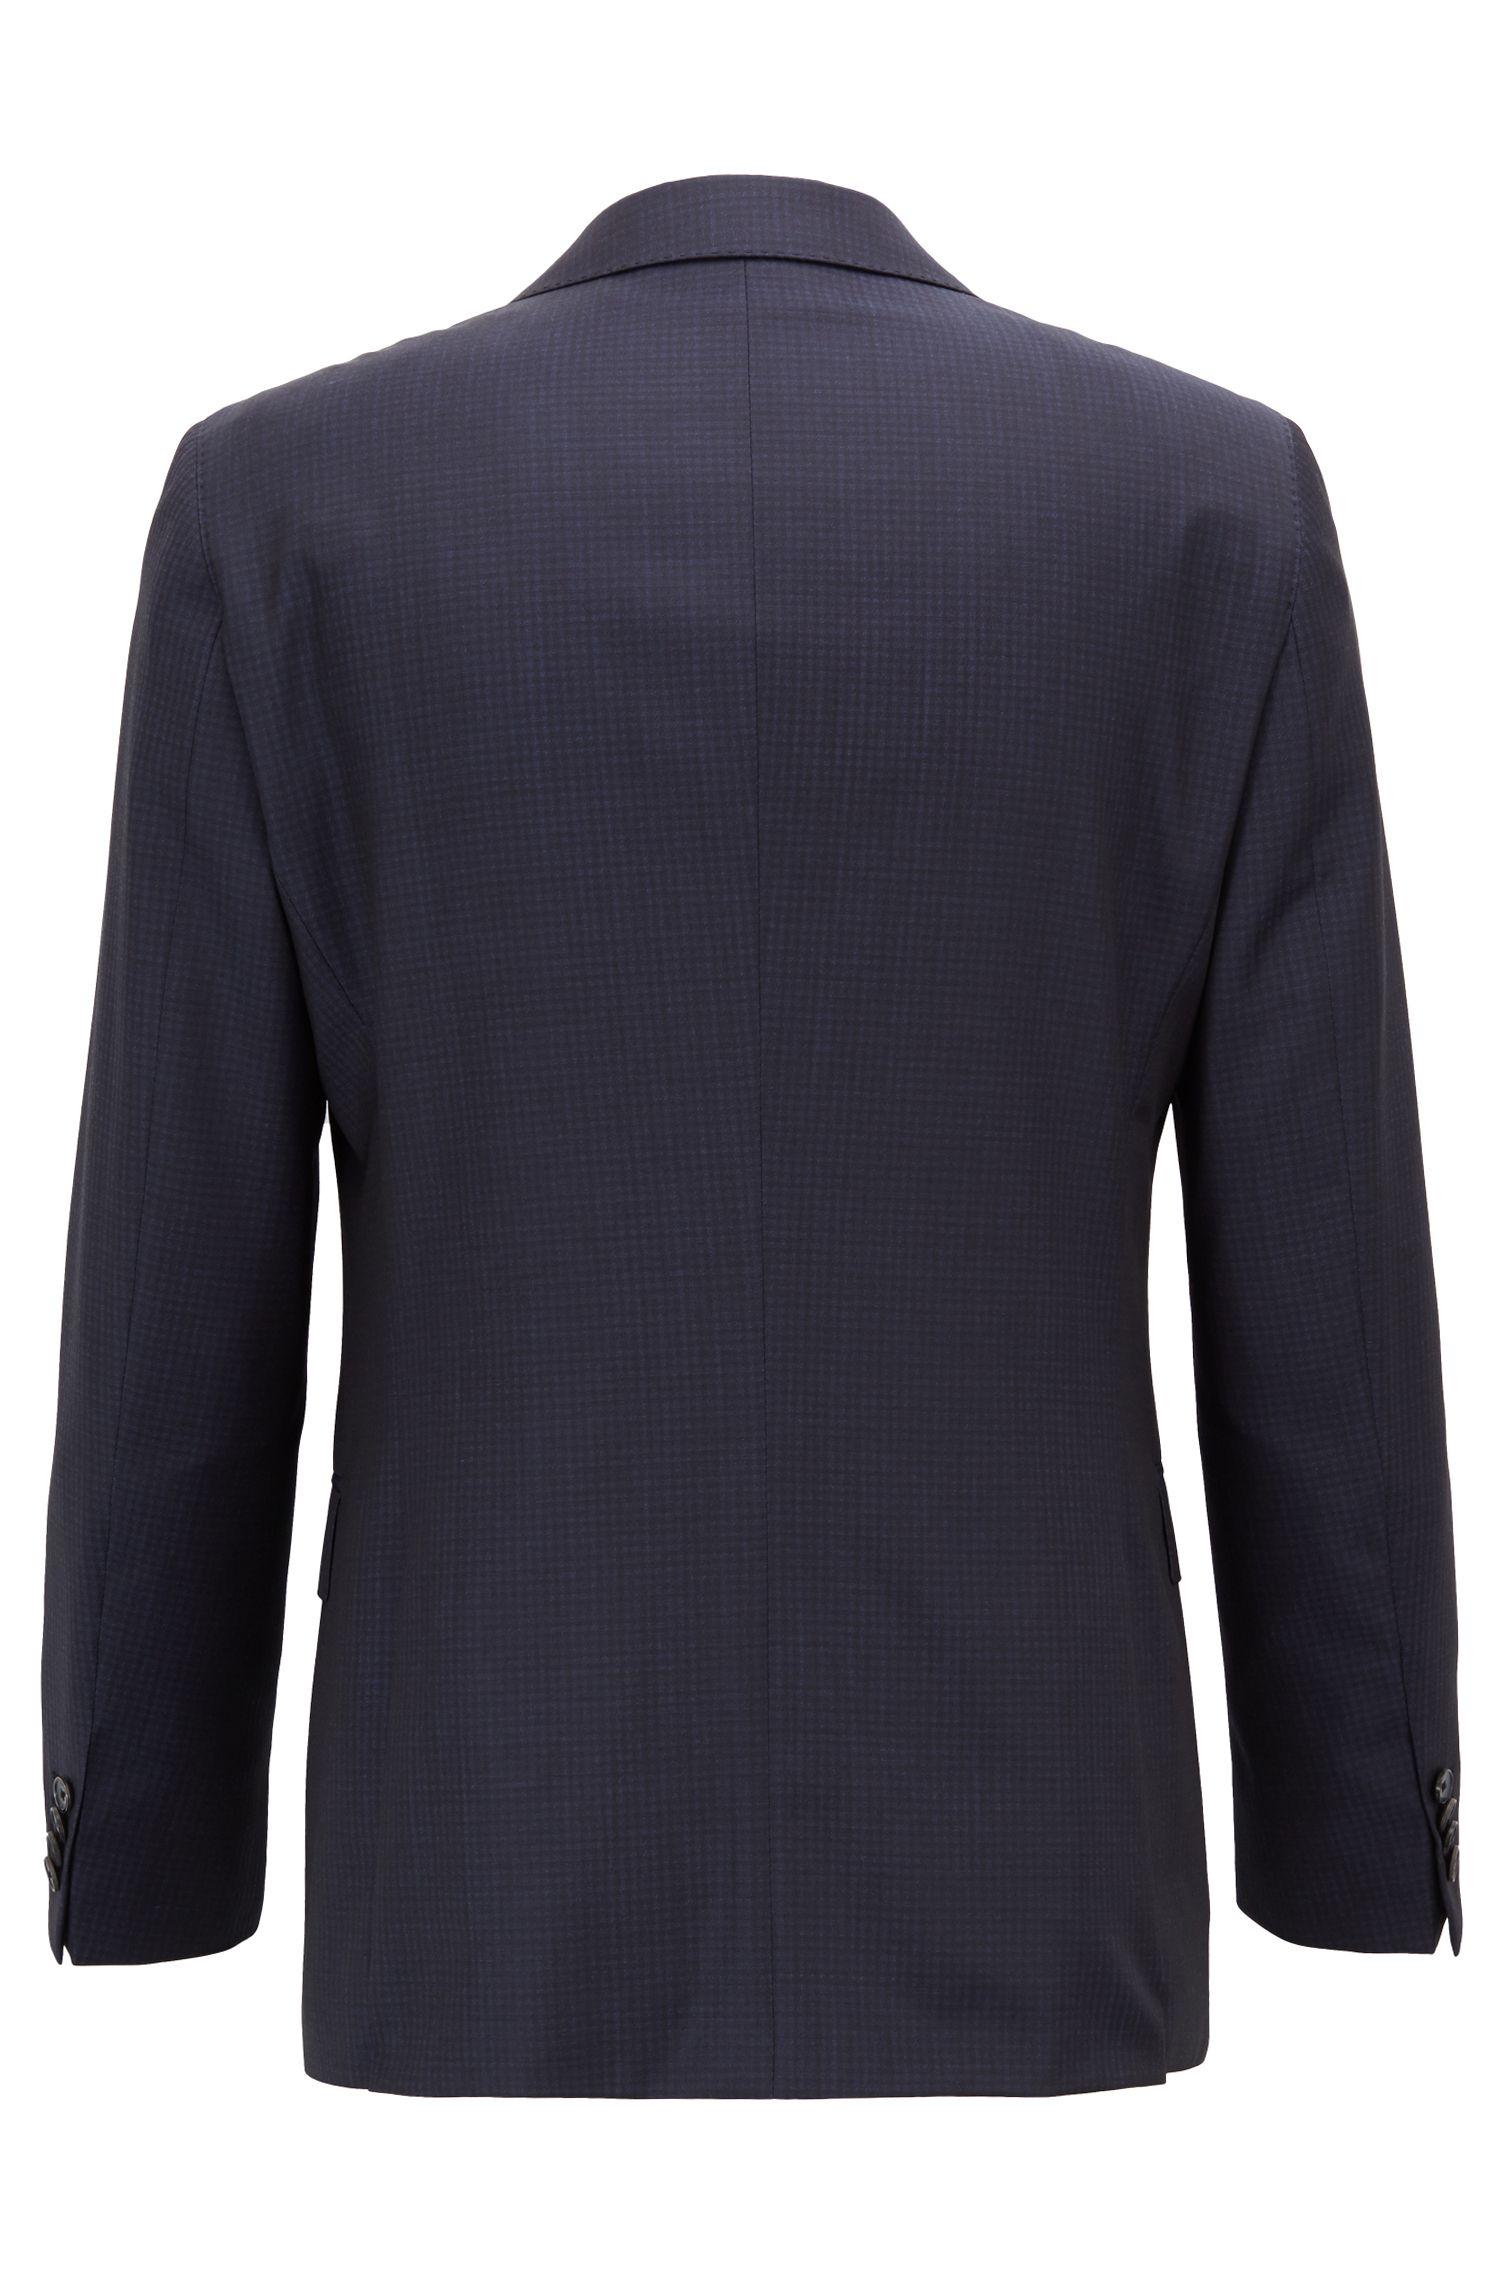 Traje con chaleco slim fit en lana virgen estampada, Azul oscuro